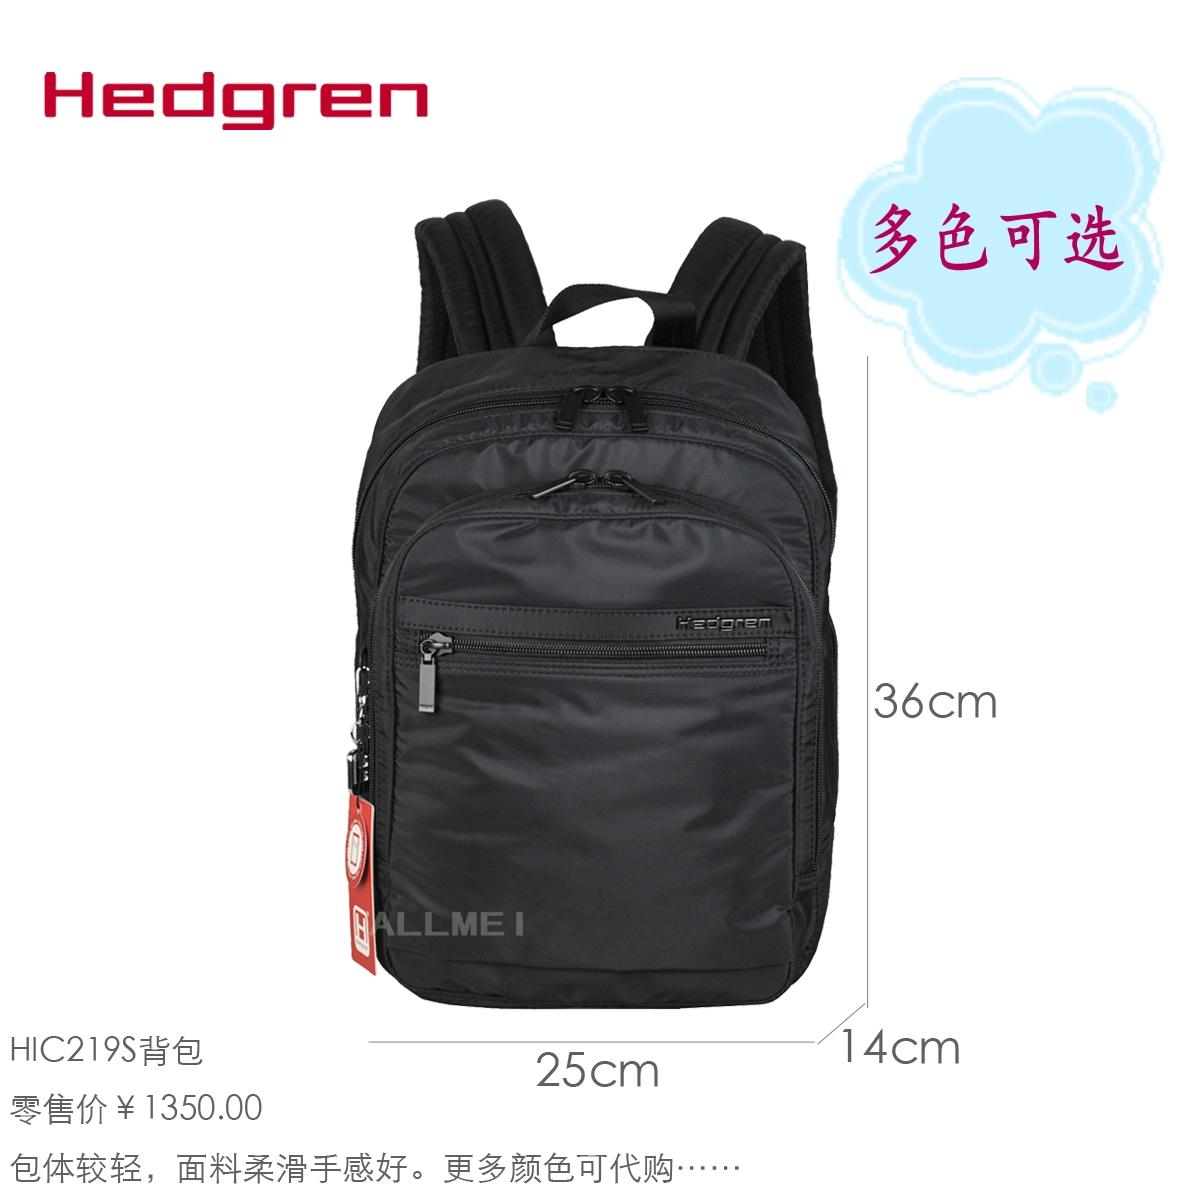 国内代购▲Hedgren海格林 HIC219S 双肩包背包 多色25*36cm 专柜